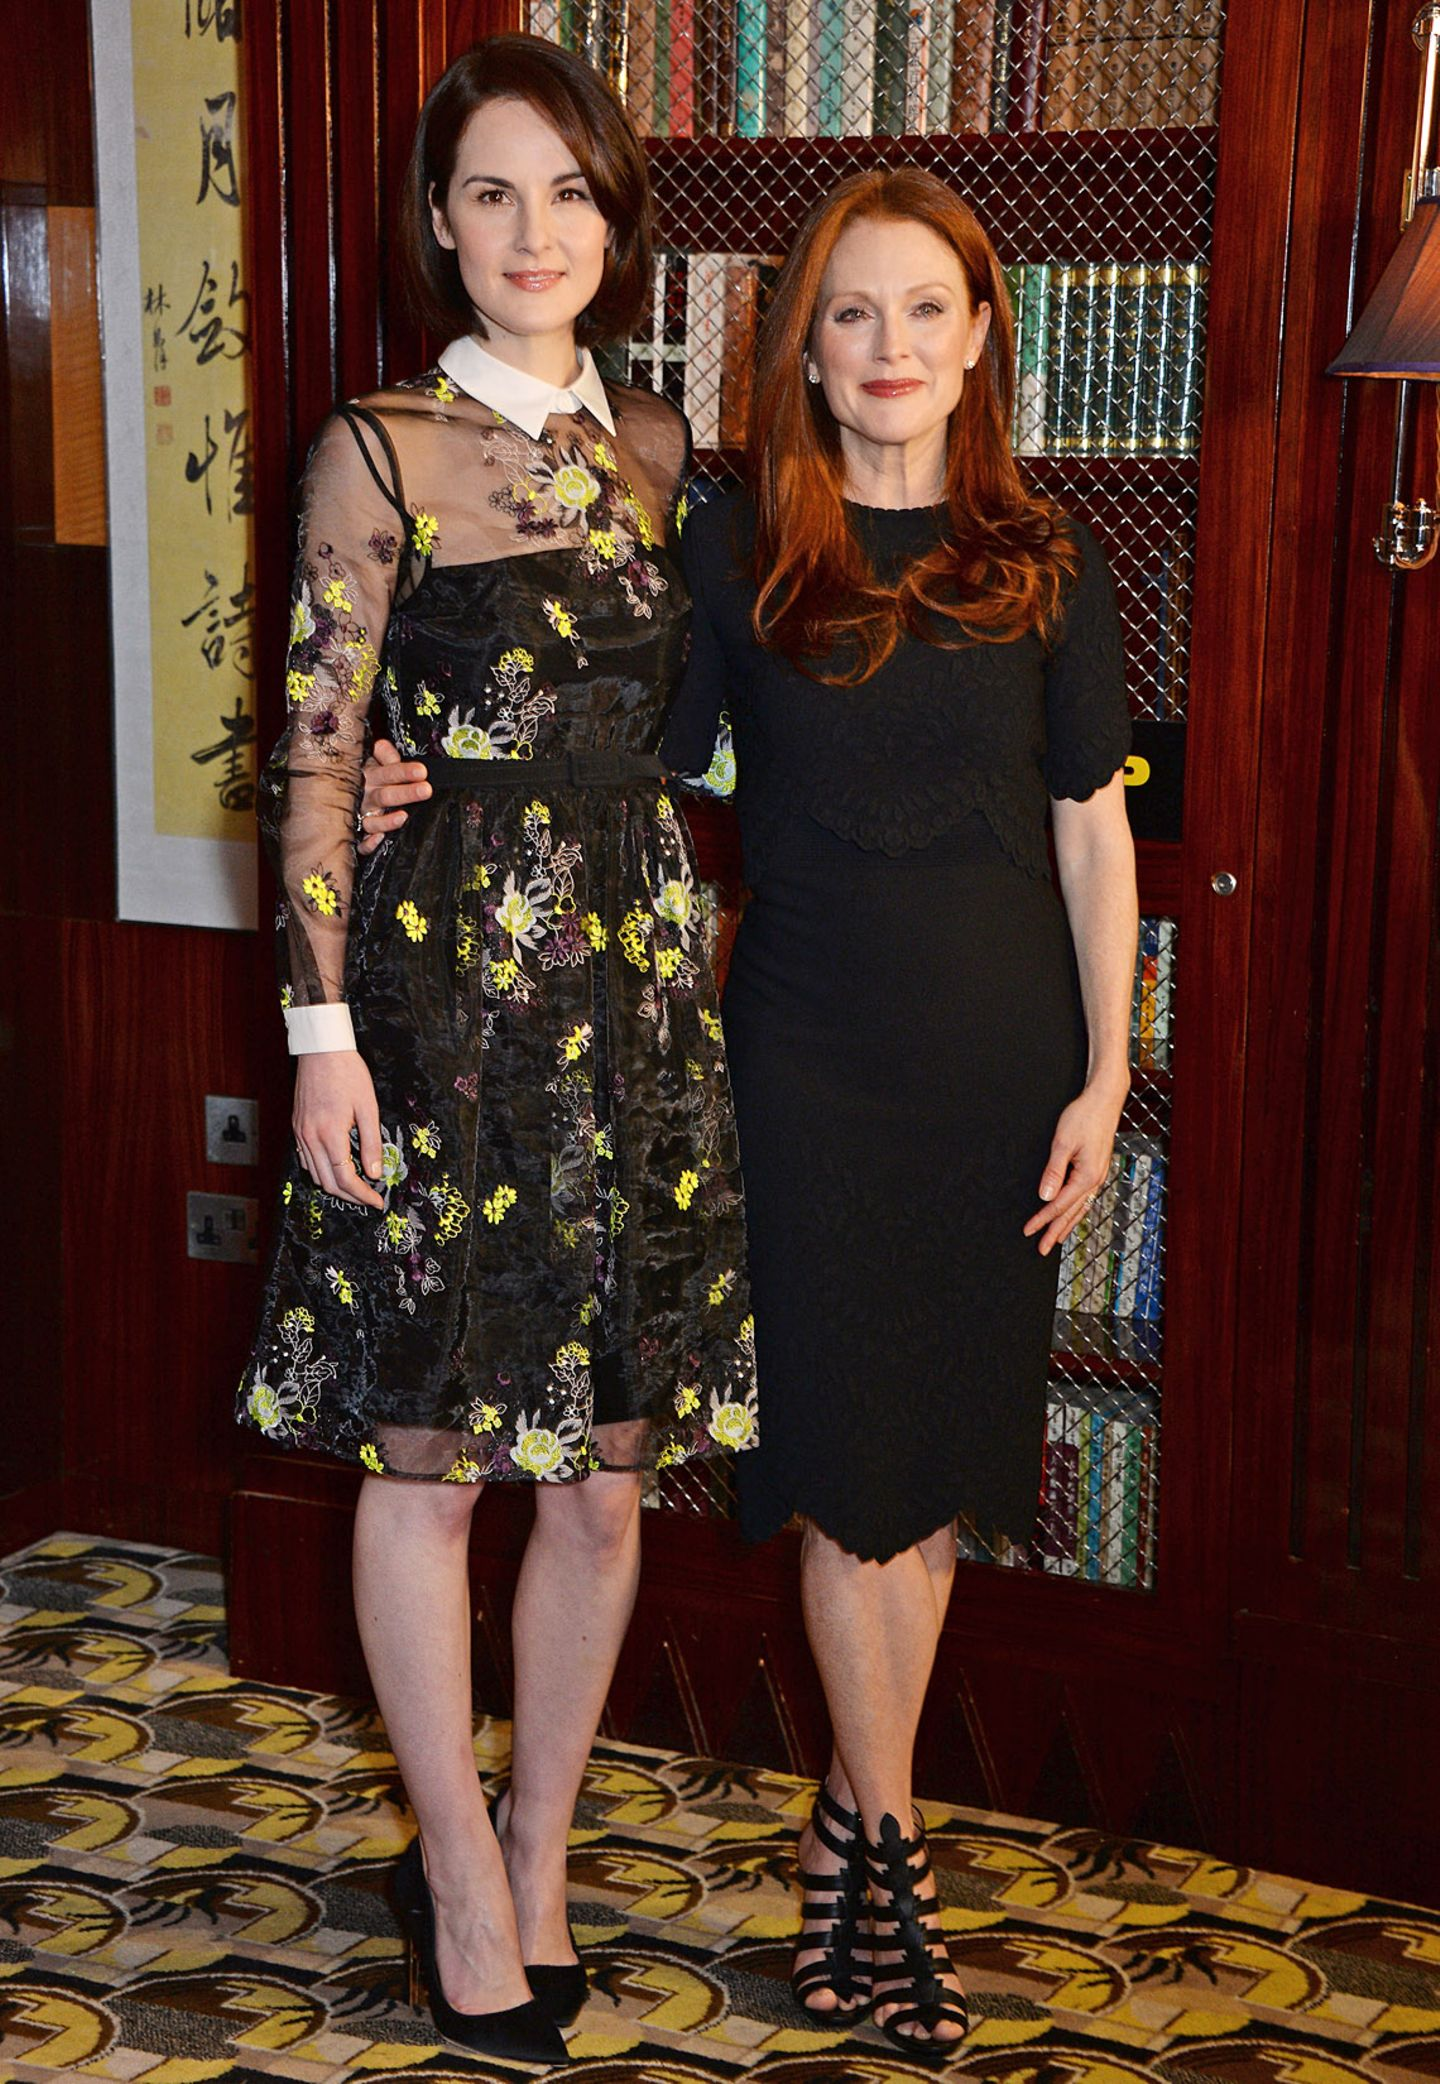 """Neben der 160 Zentimeter großen Julianne Moore gibt """"Downton Abbey"""" Michelle Dockery (1,73 Meter) eine stattliche Figur ab."""